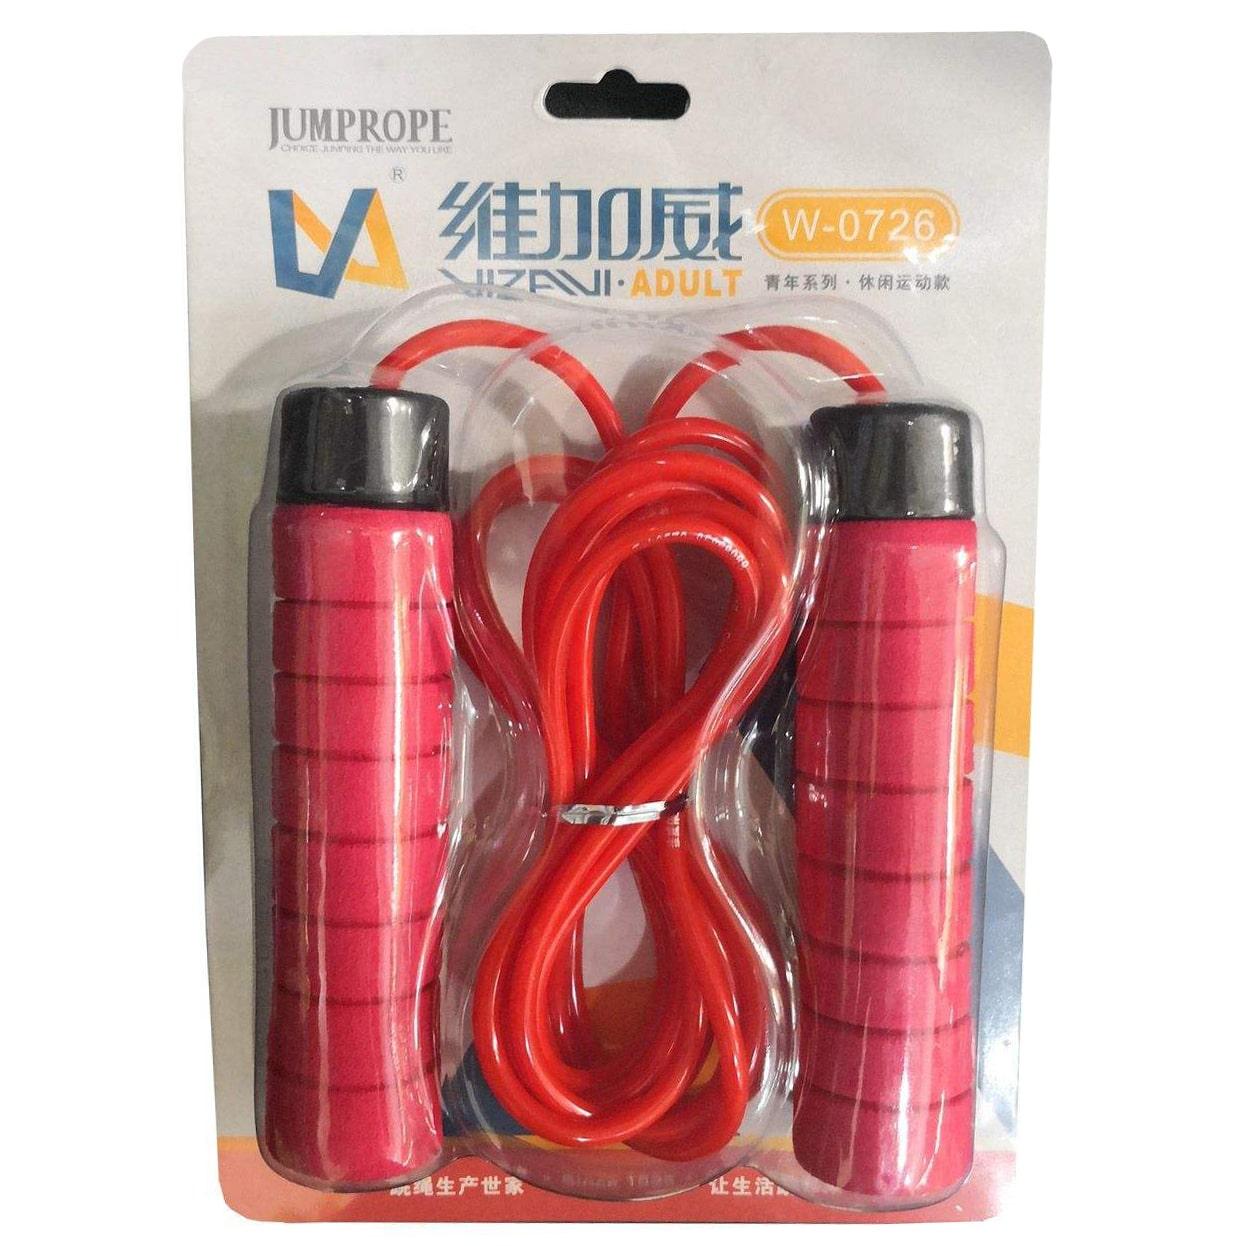 طناب ورزشی مدل W-0726